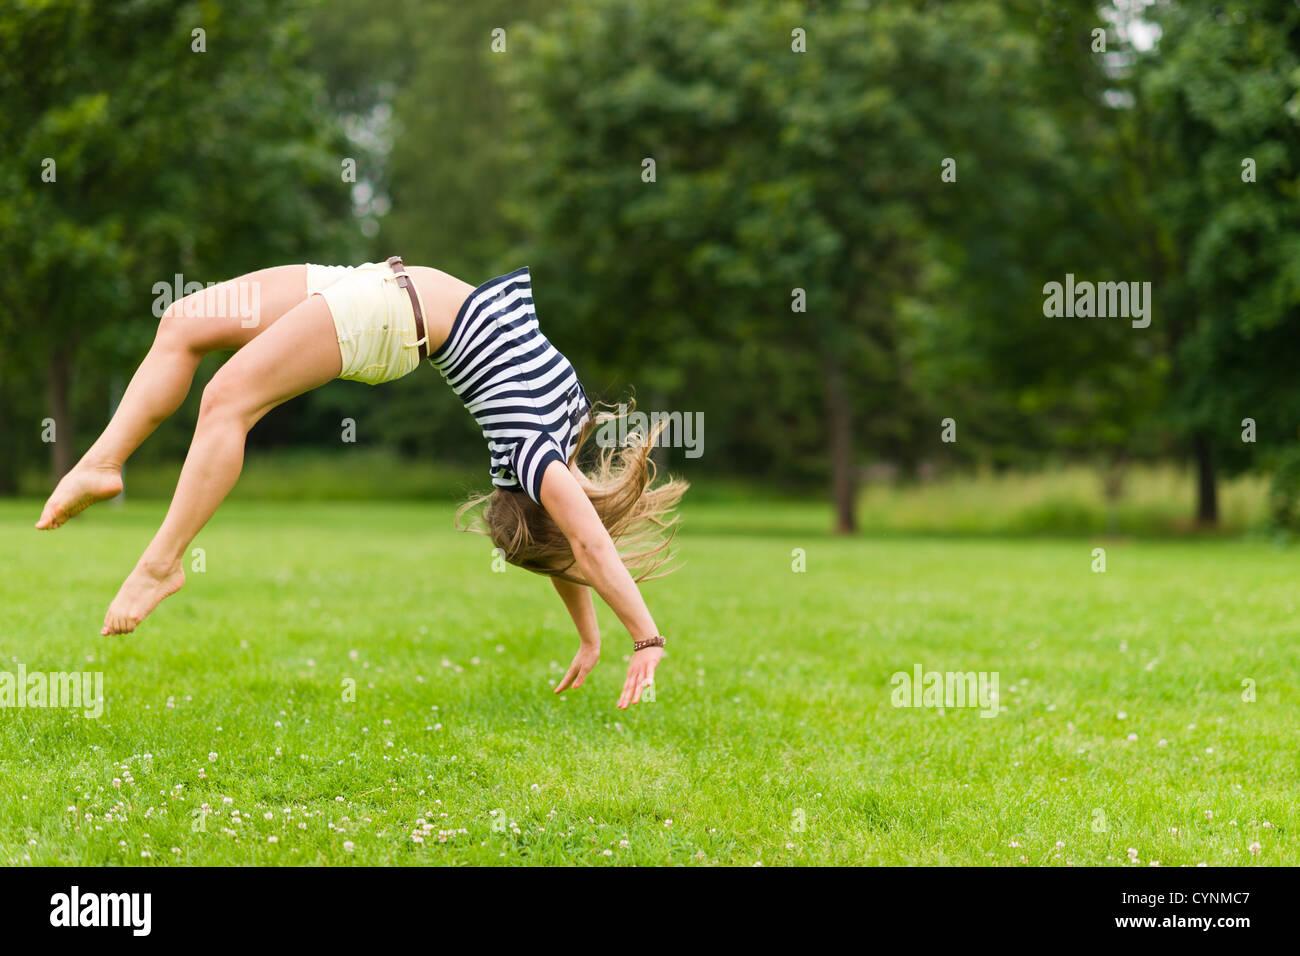 Jeune fille sportive saut en arrière dans le parc, avec l'image de la profondeur de champ étroite Photo Stock